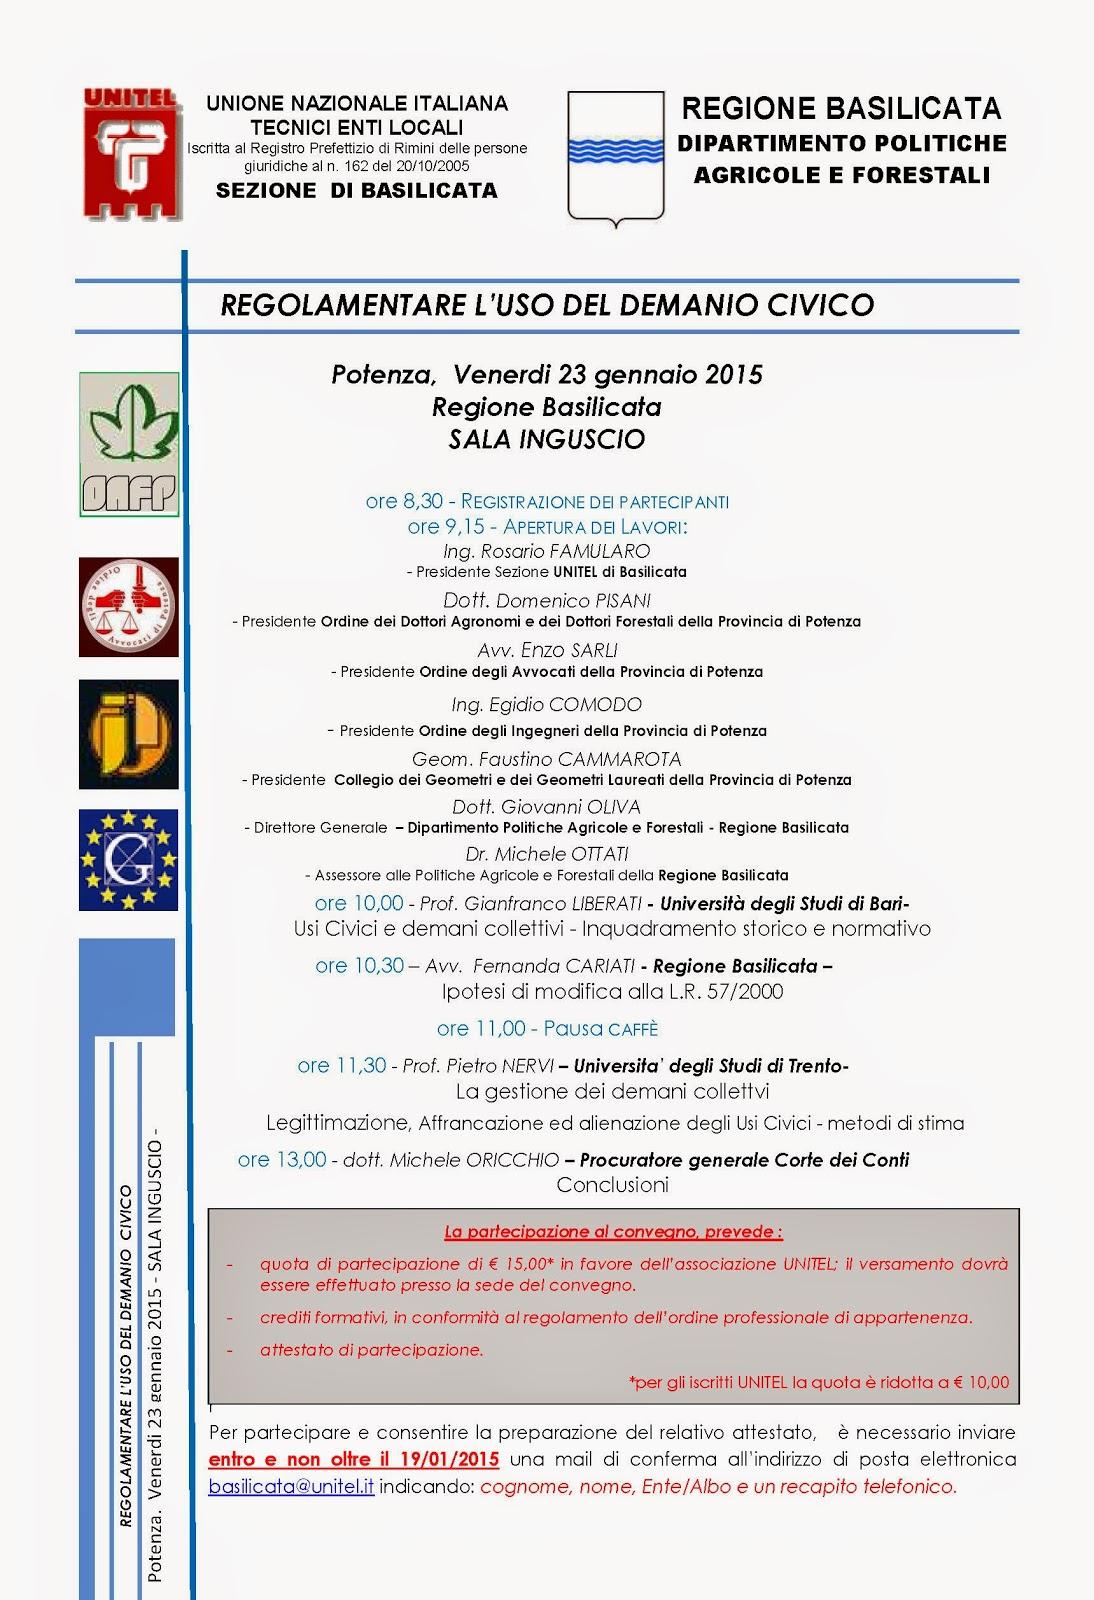 Ordine Ingegneri Potenza Albo coordinamento regionale per la basilicata della consulta